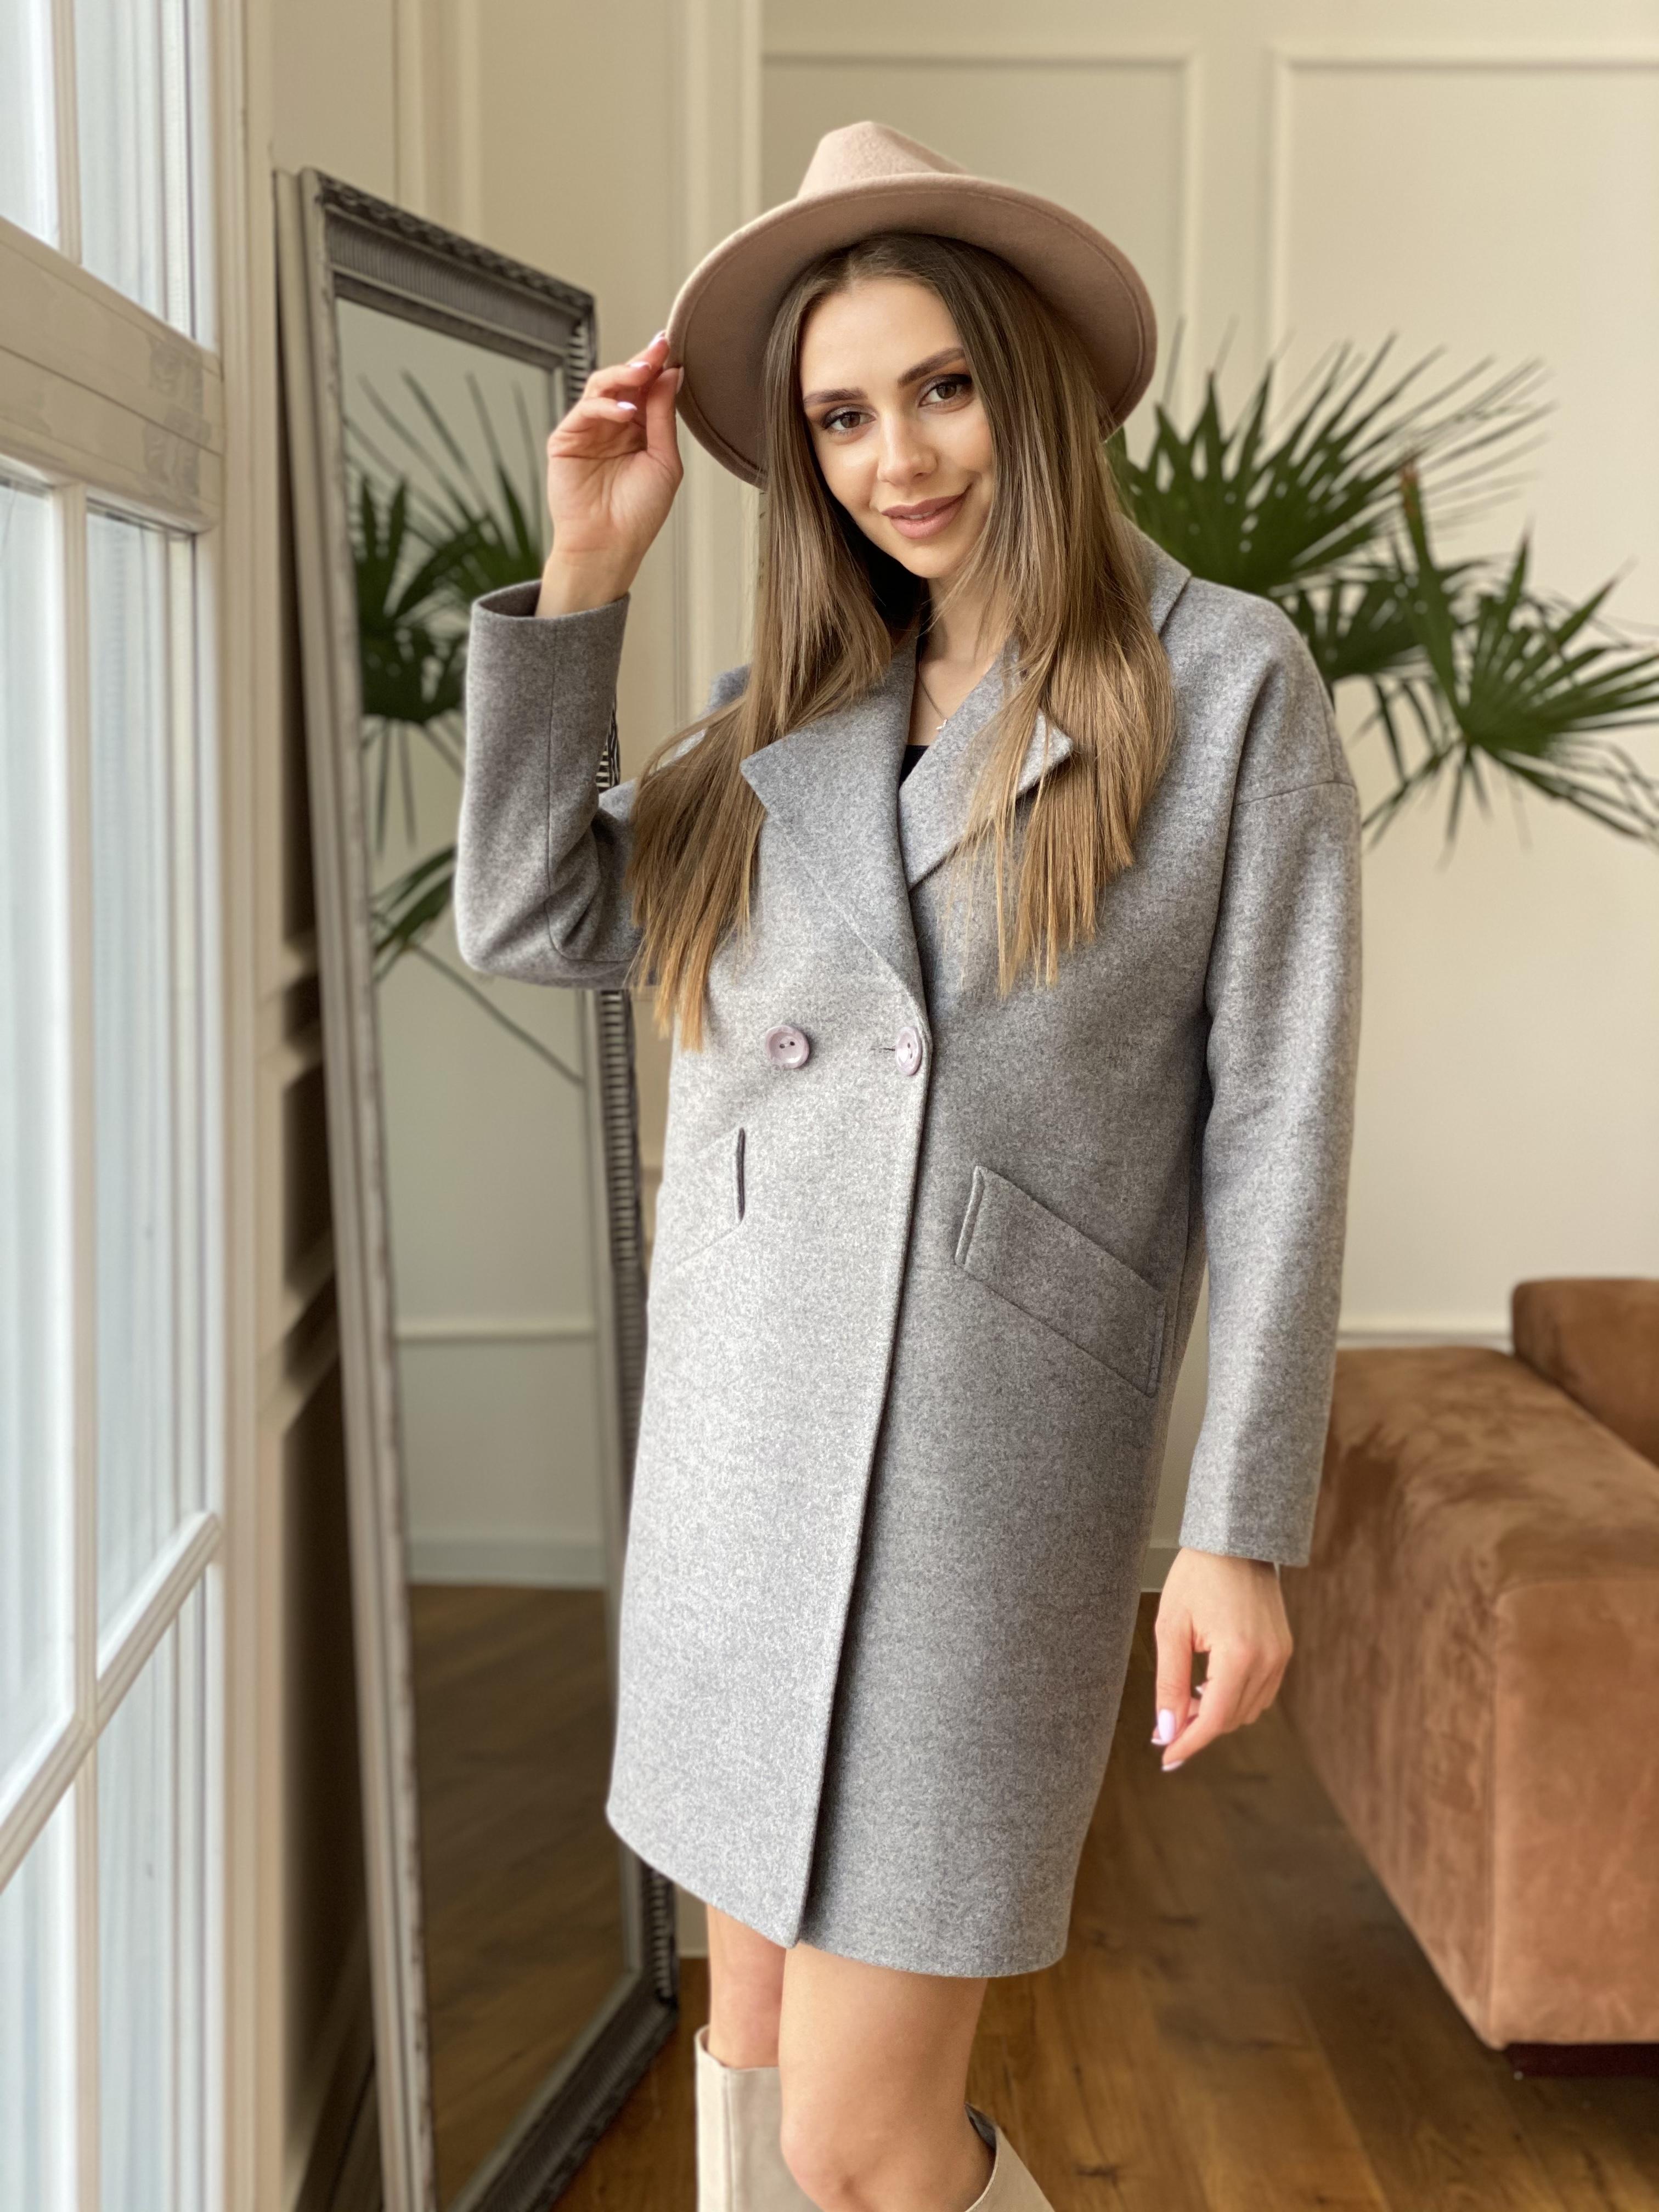 Сенсей пальто из кашемира меланж  10745 АРТ. 47224 Цвет: Карамель 20/1 - фото 4, интернет магазин tm-modus.ru